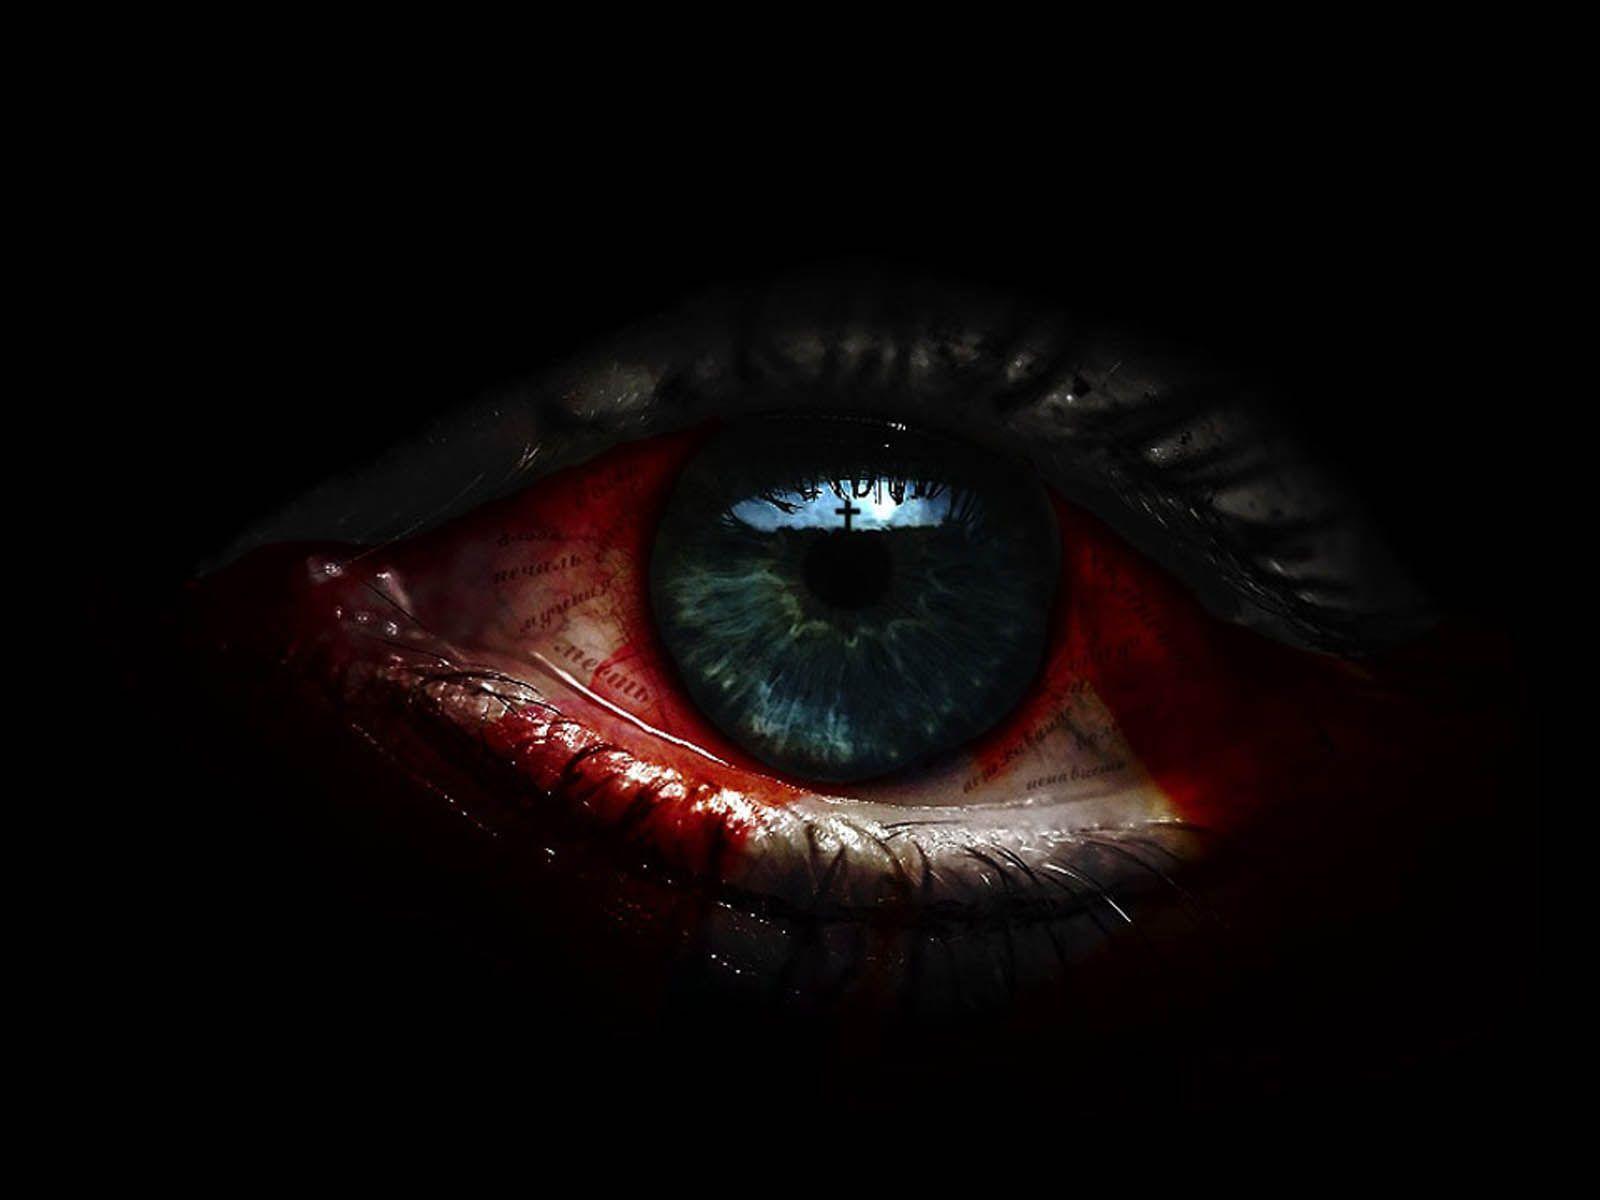 Horror Keywords Horror Eye Wallpapers Horror Eyedesktop Wallpapers Horror Eyes Wallpaper Scary Eyes Scary Wallpaper